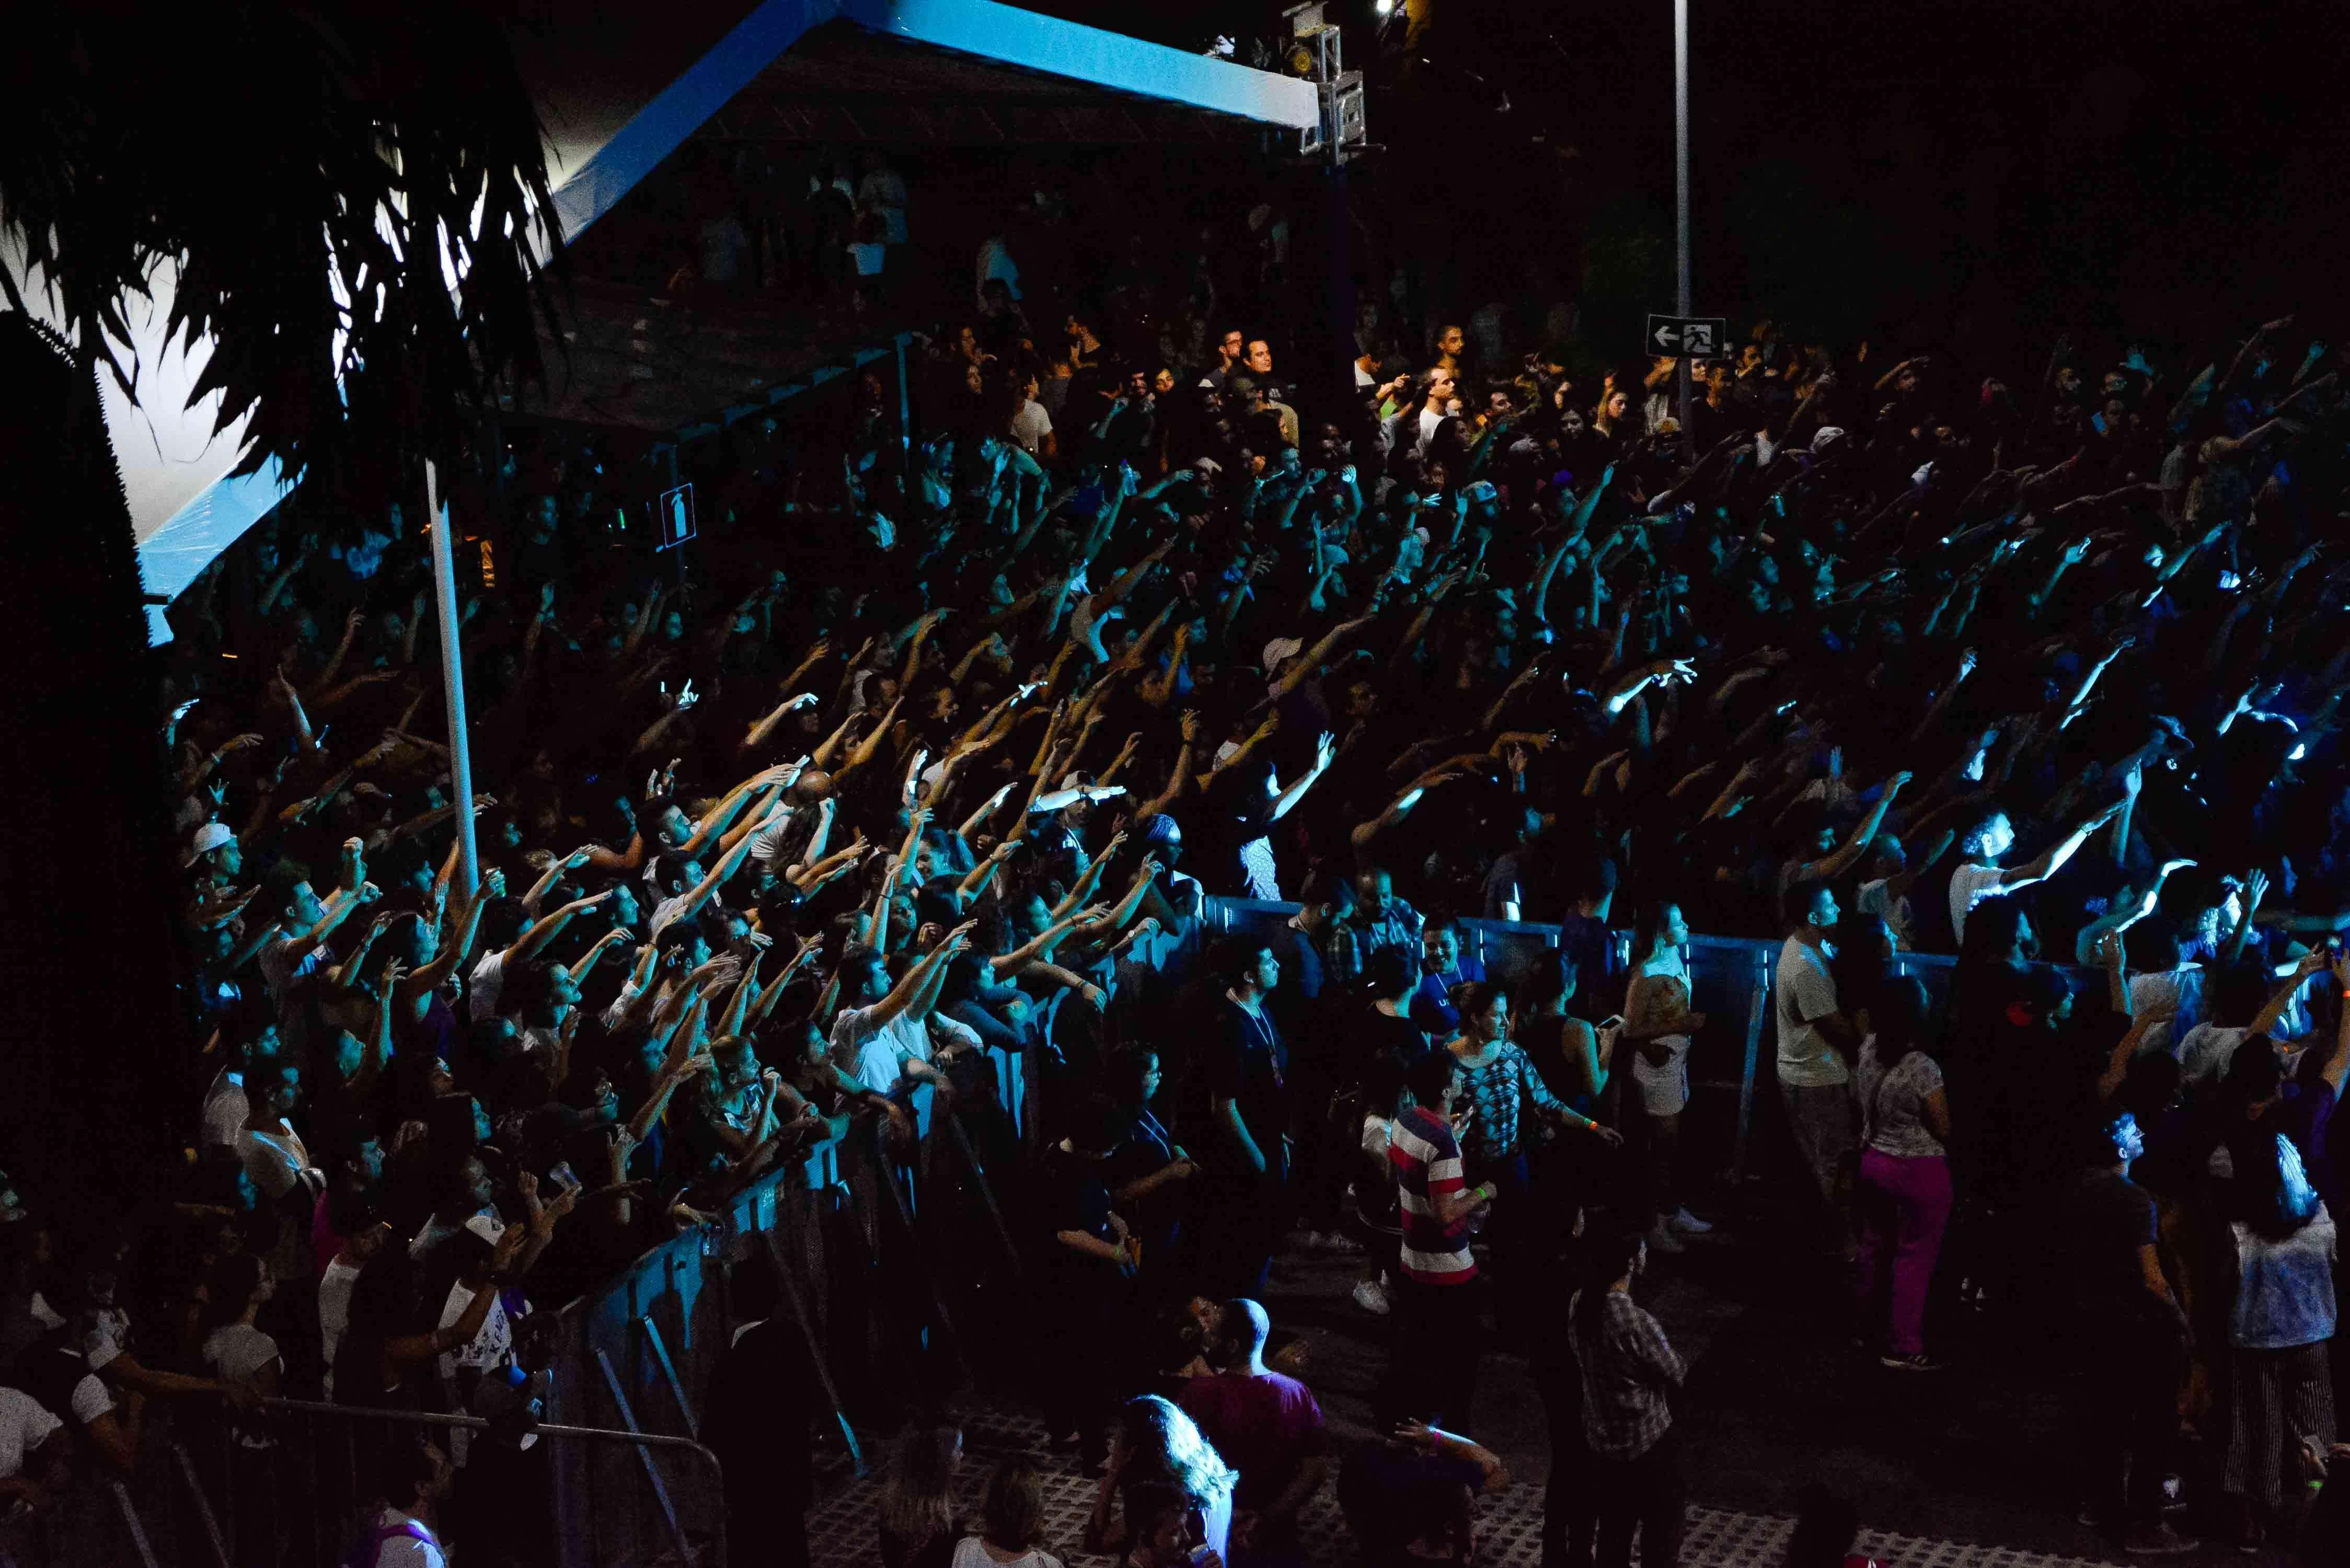 Público vibrante na apresentação do Criolo - Foto Maykel Douglas